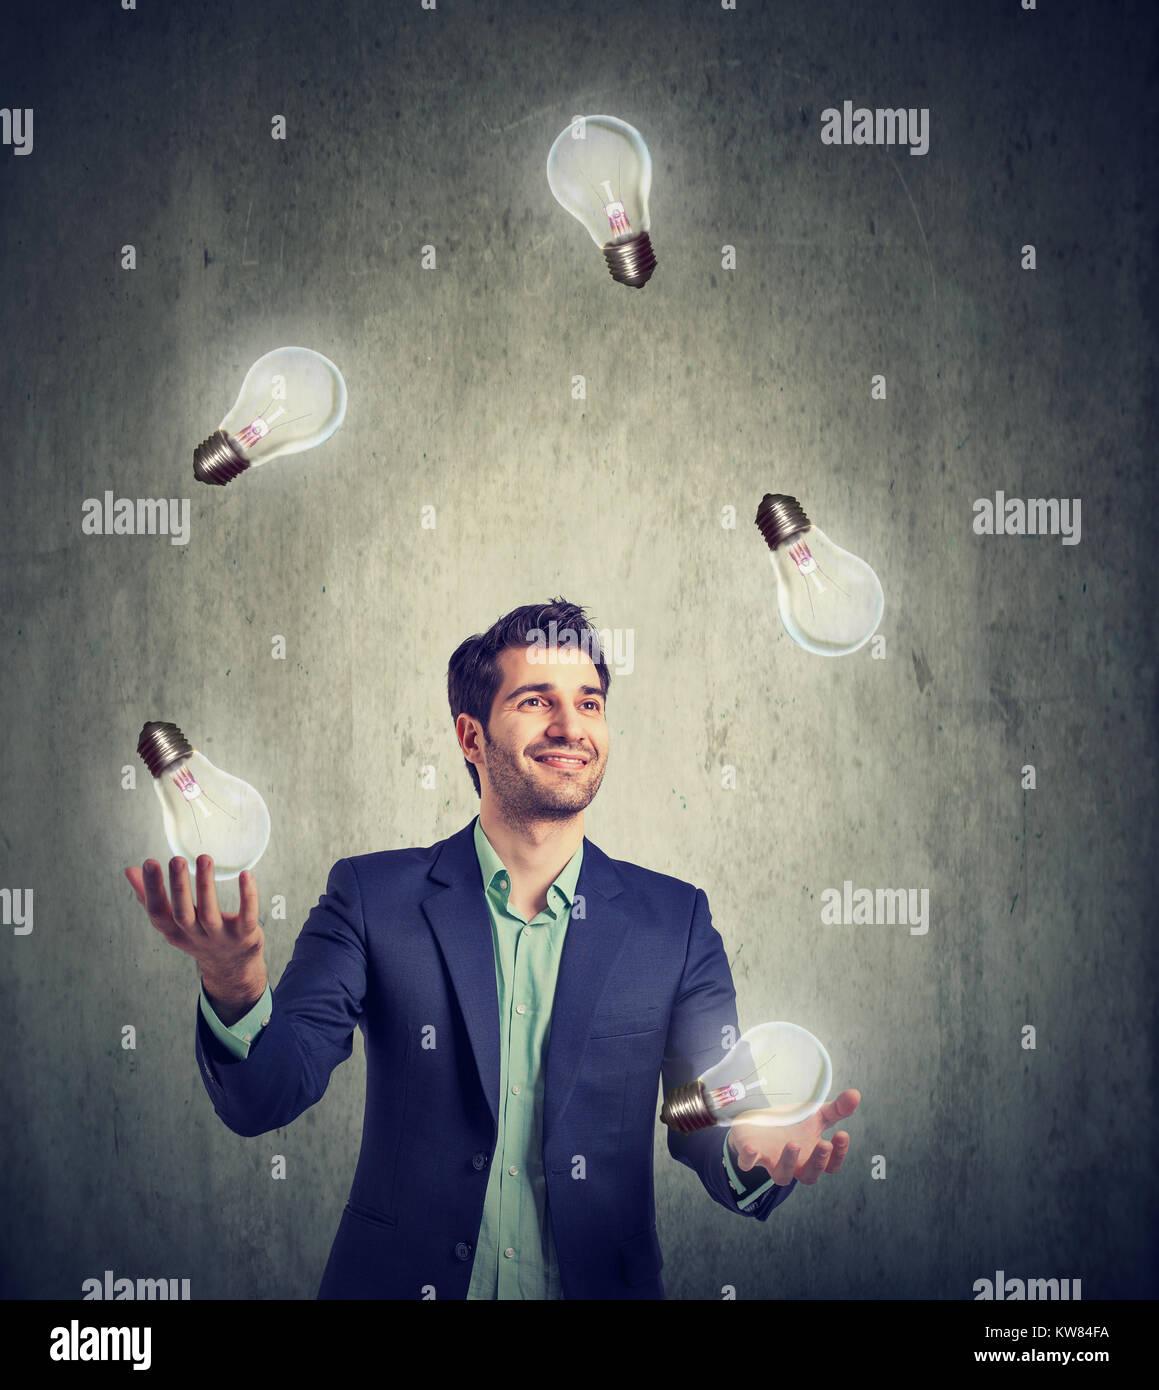 Empresario malabarismo con ardor bombillas teniendo un montón de grandes ideas. Imagen De Stock